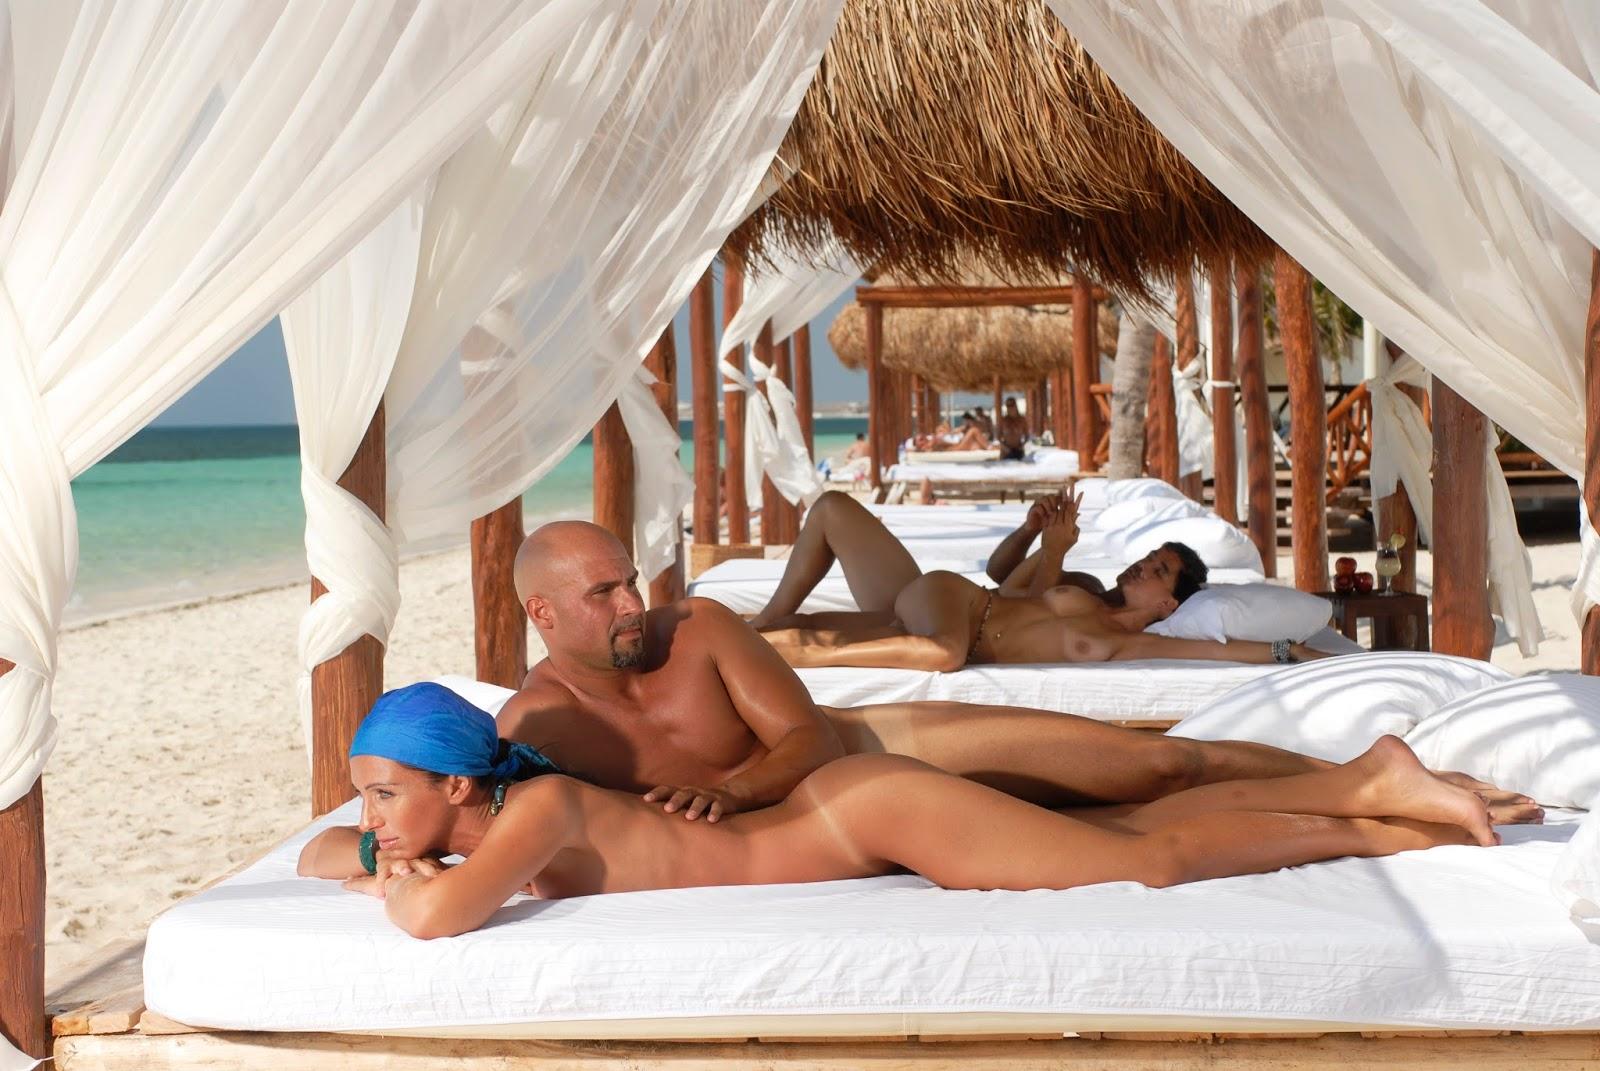 Фото секс из отелей 1 фотография